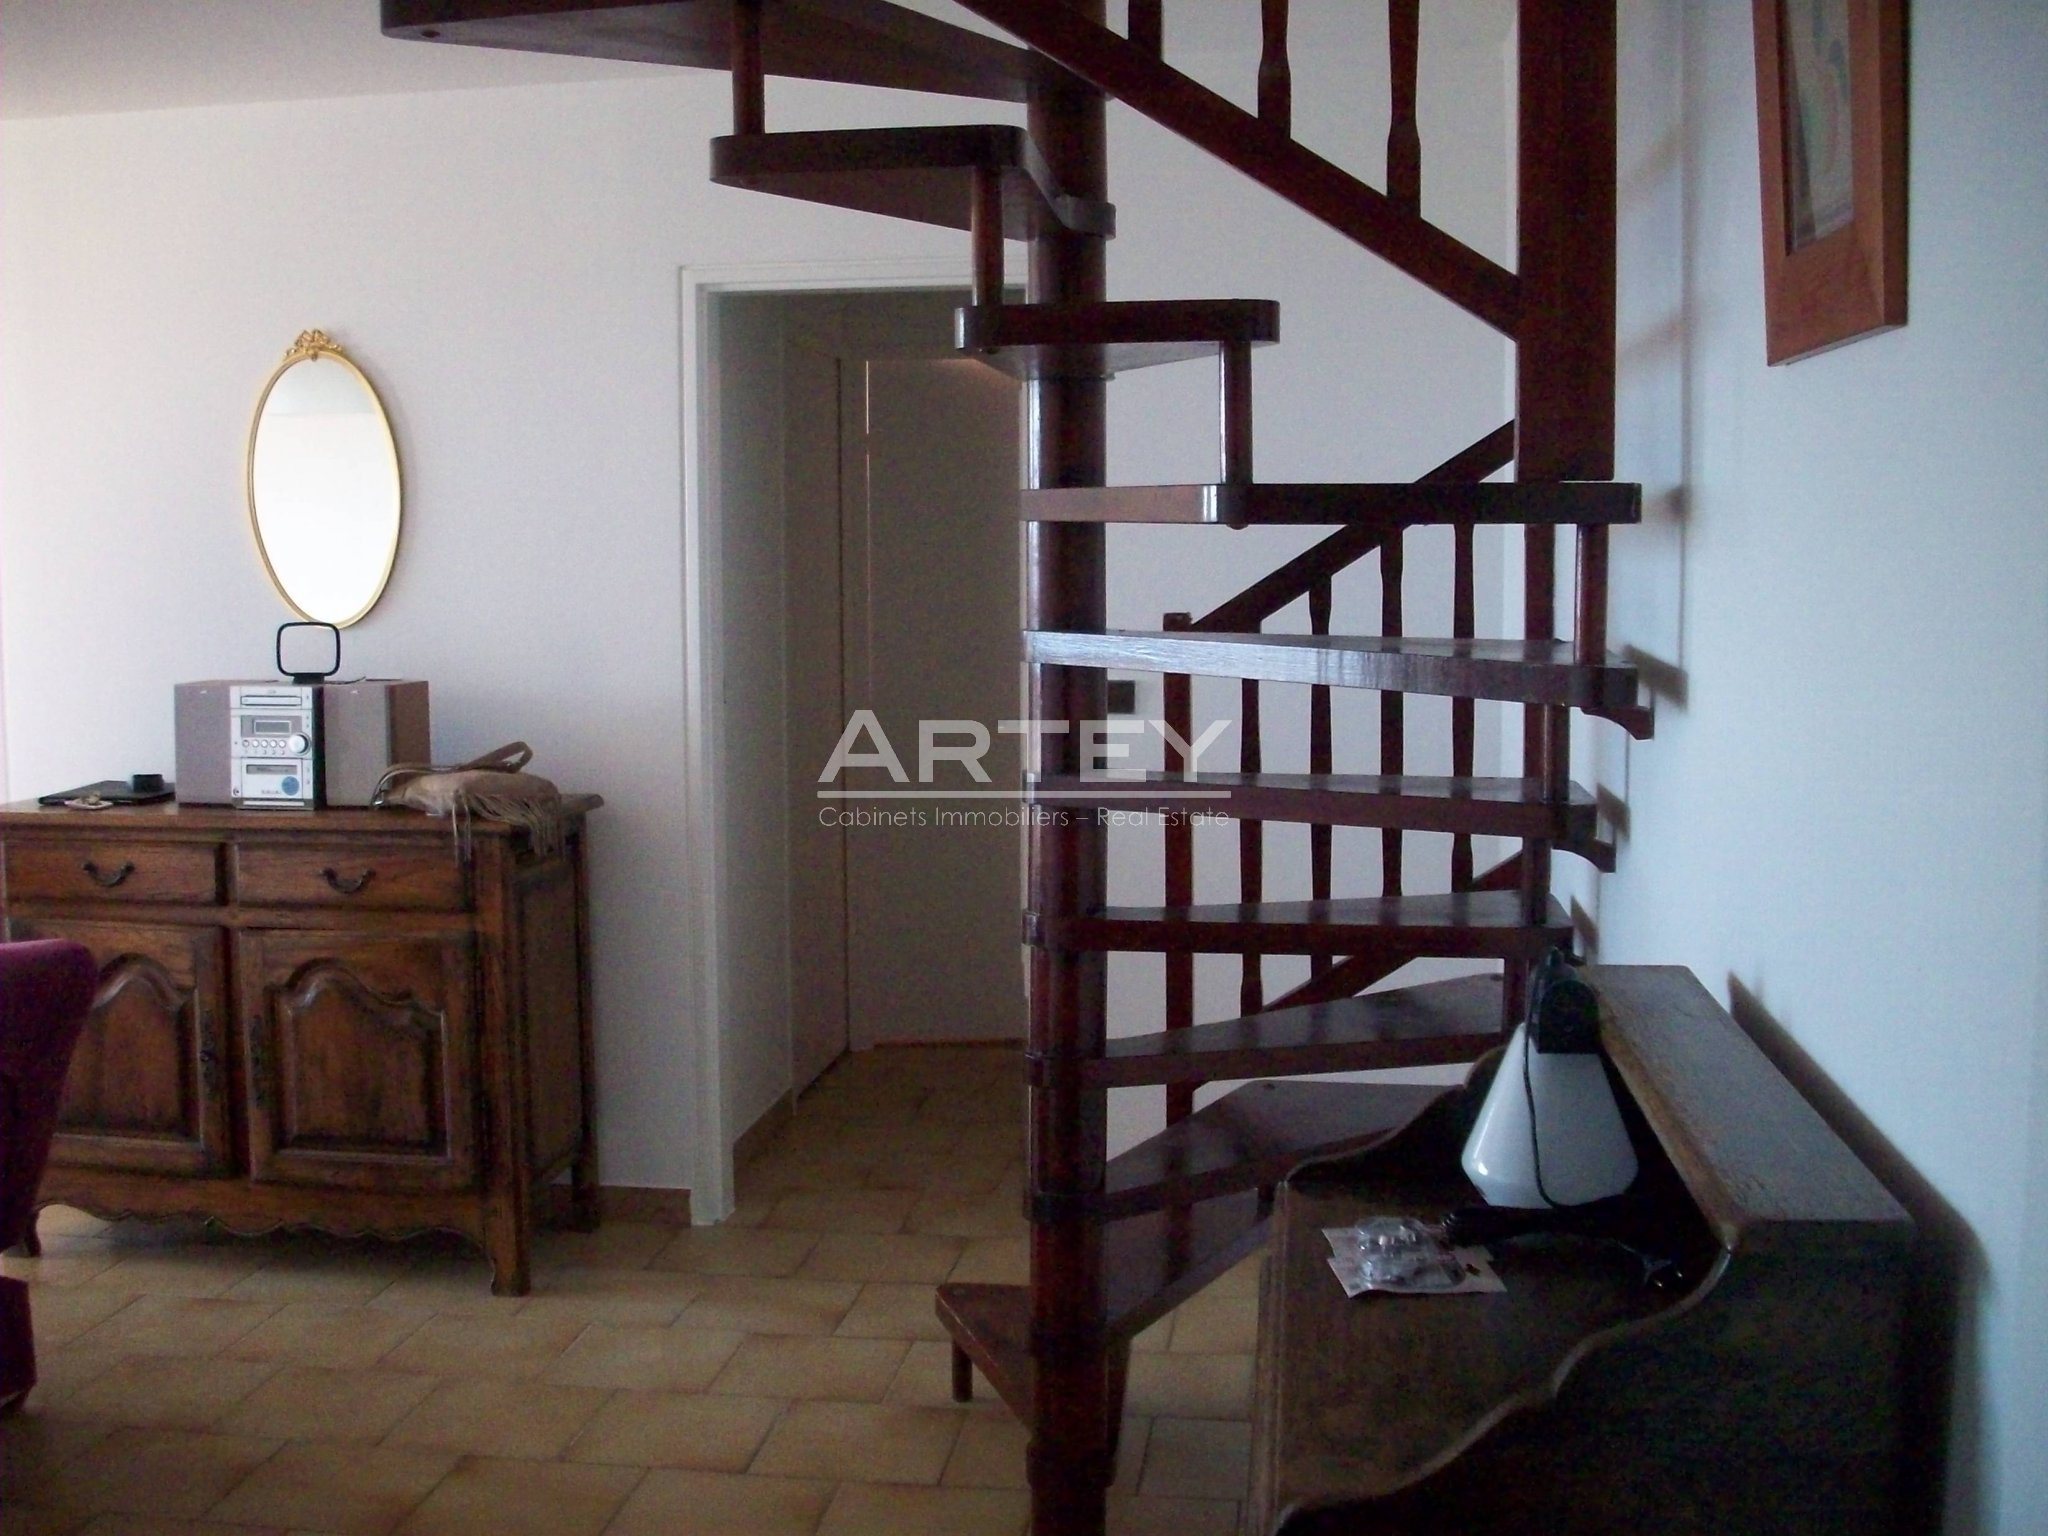 Apartment - Carqueiranne 83320